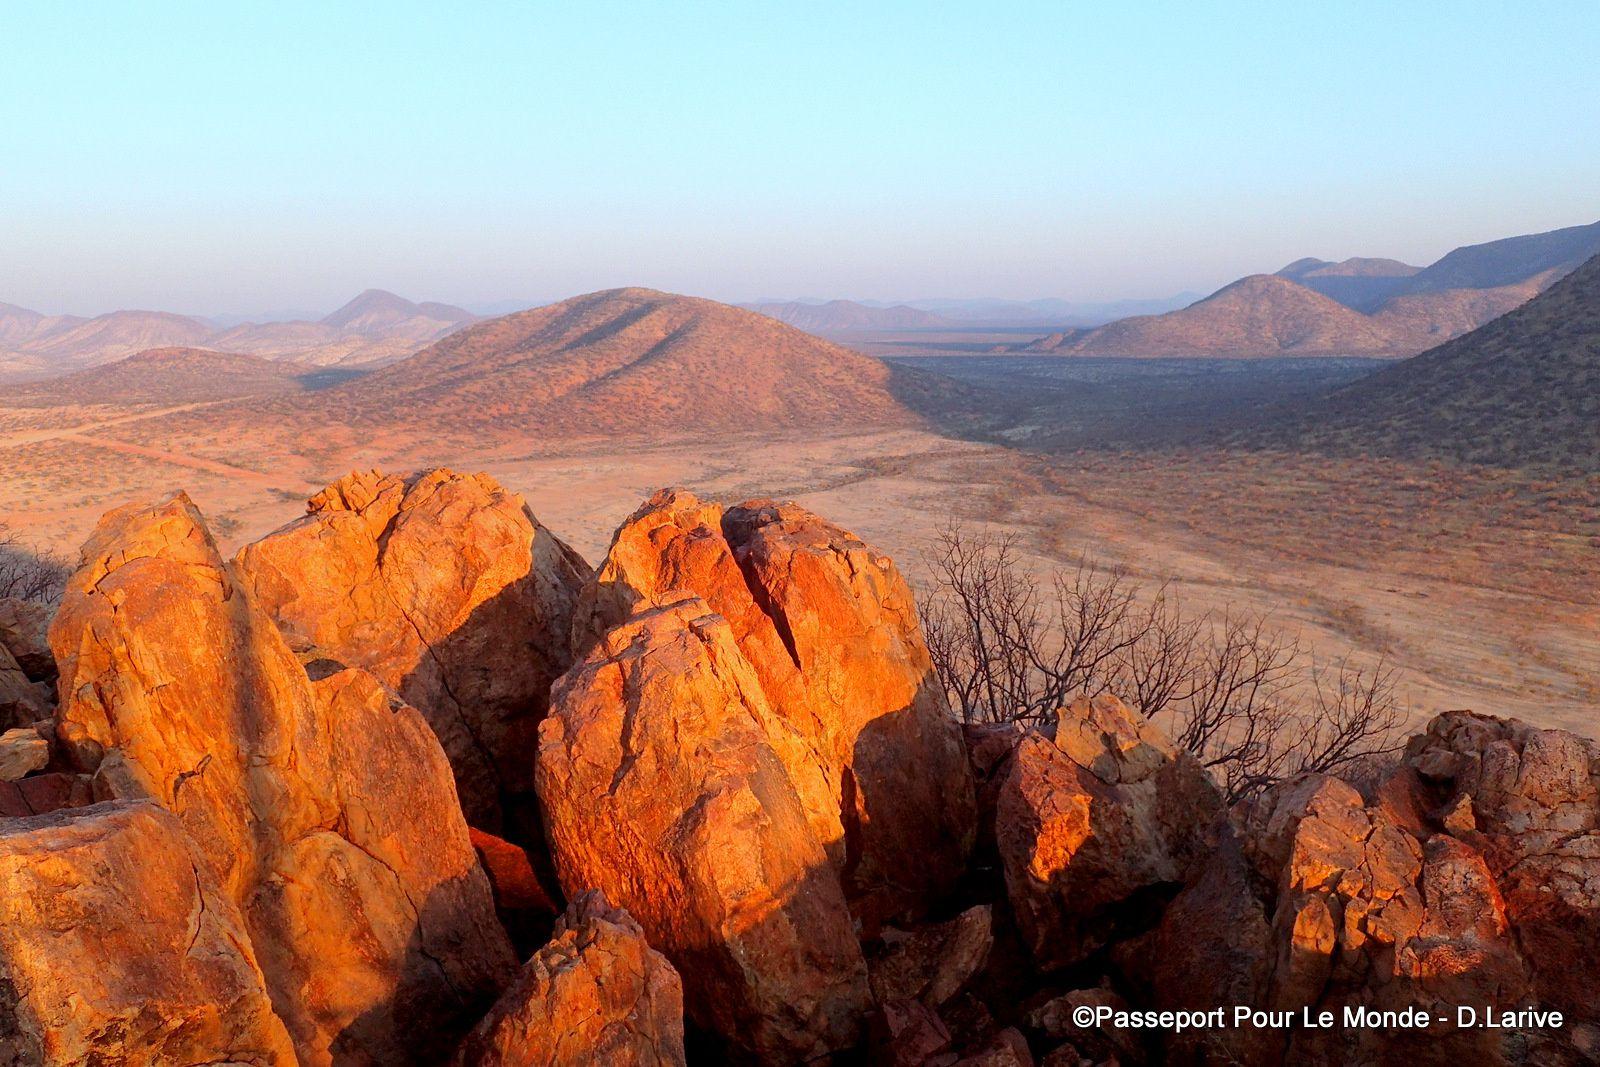 L'immense et magnifique territoire du peuple Himba